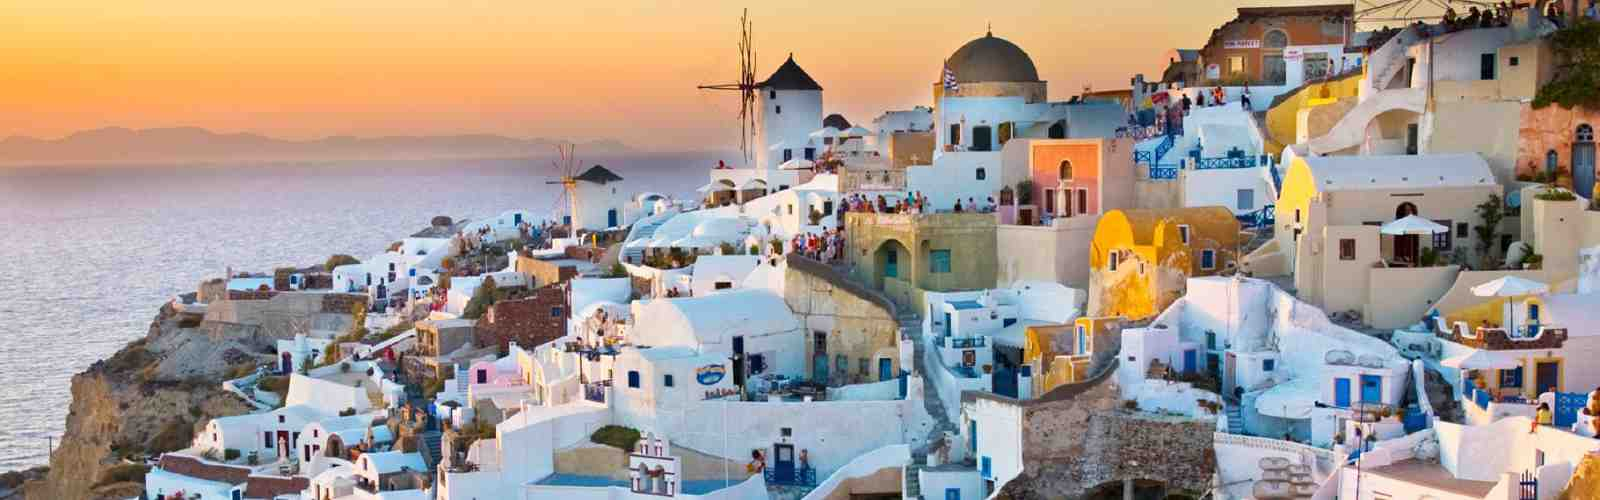 Quelle île grecque pour les plages?